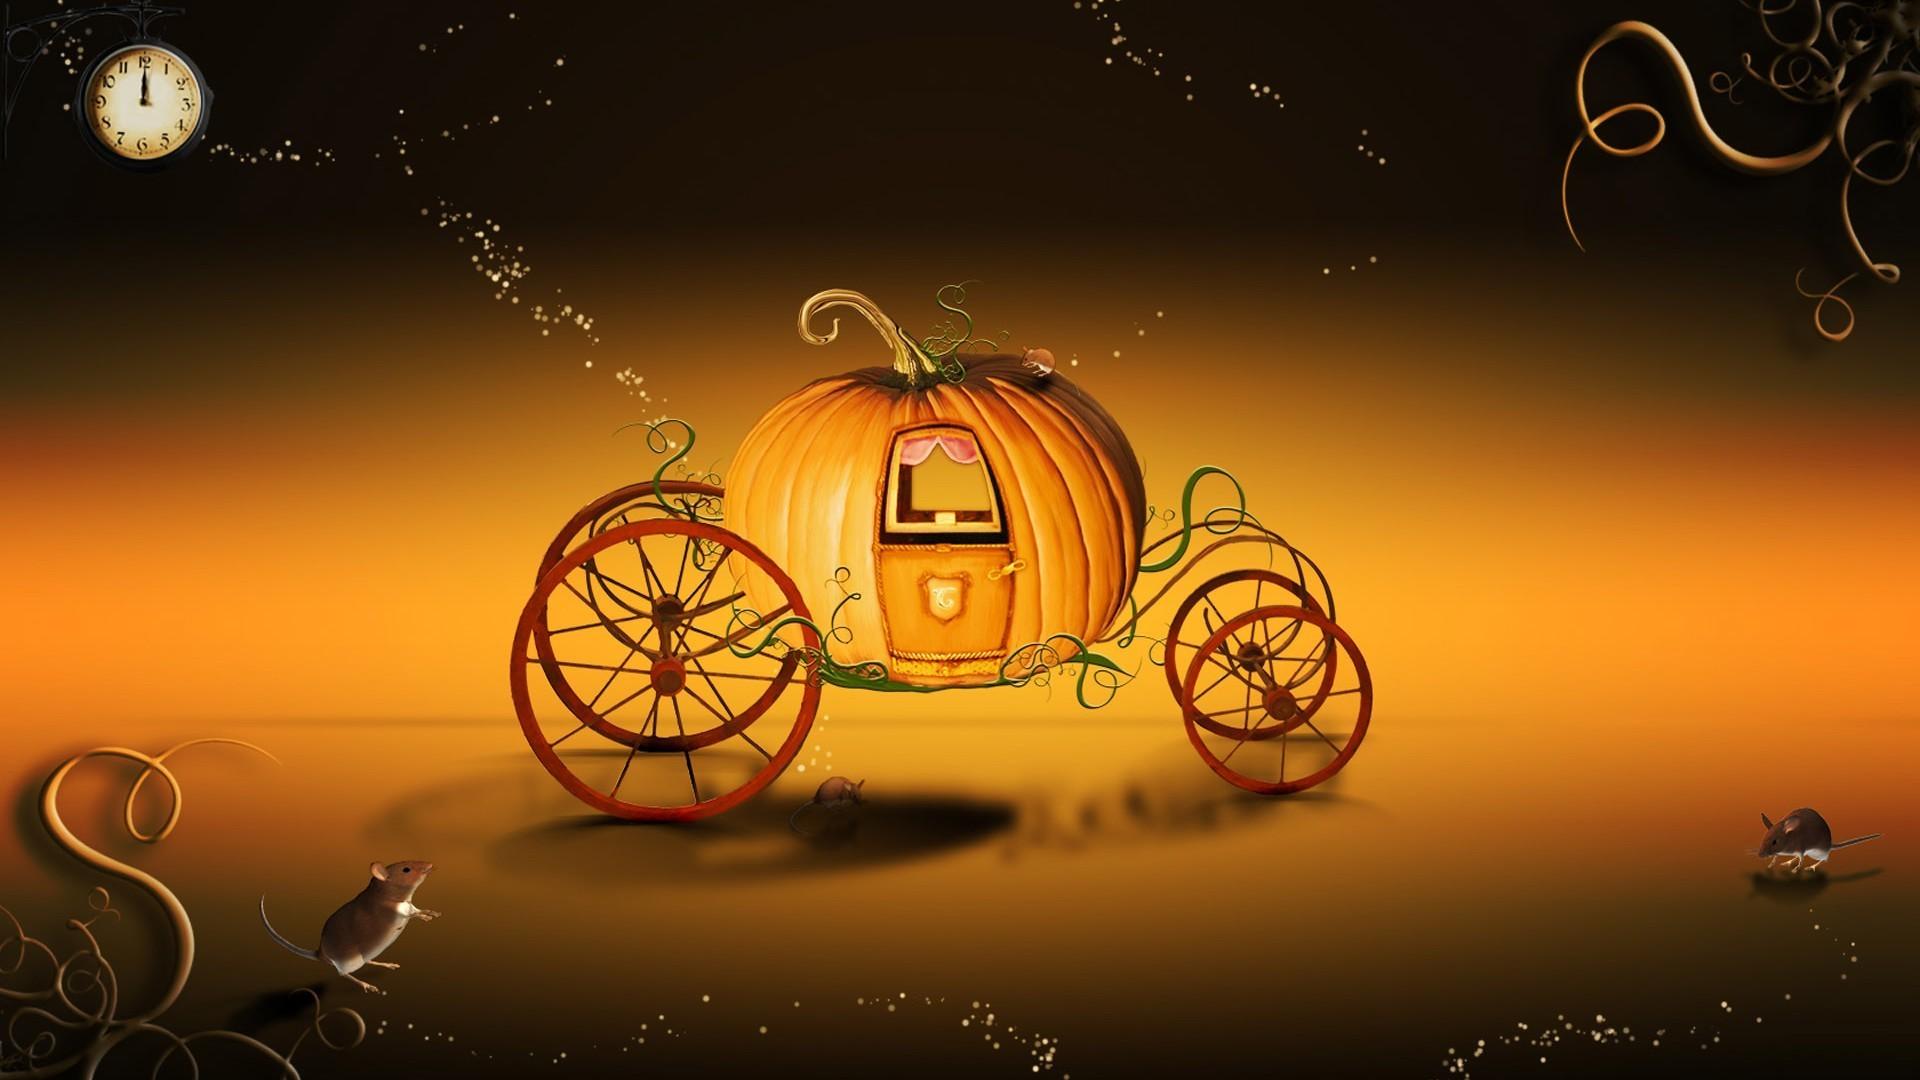 Must see Wallpaper Halloween Facebook - 949147-widescreen-charlie-brown-halloween-wallpaper-1920x1080-htc  Photograph_218268.jpg